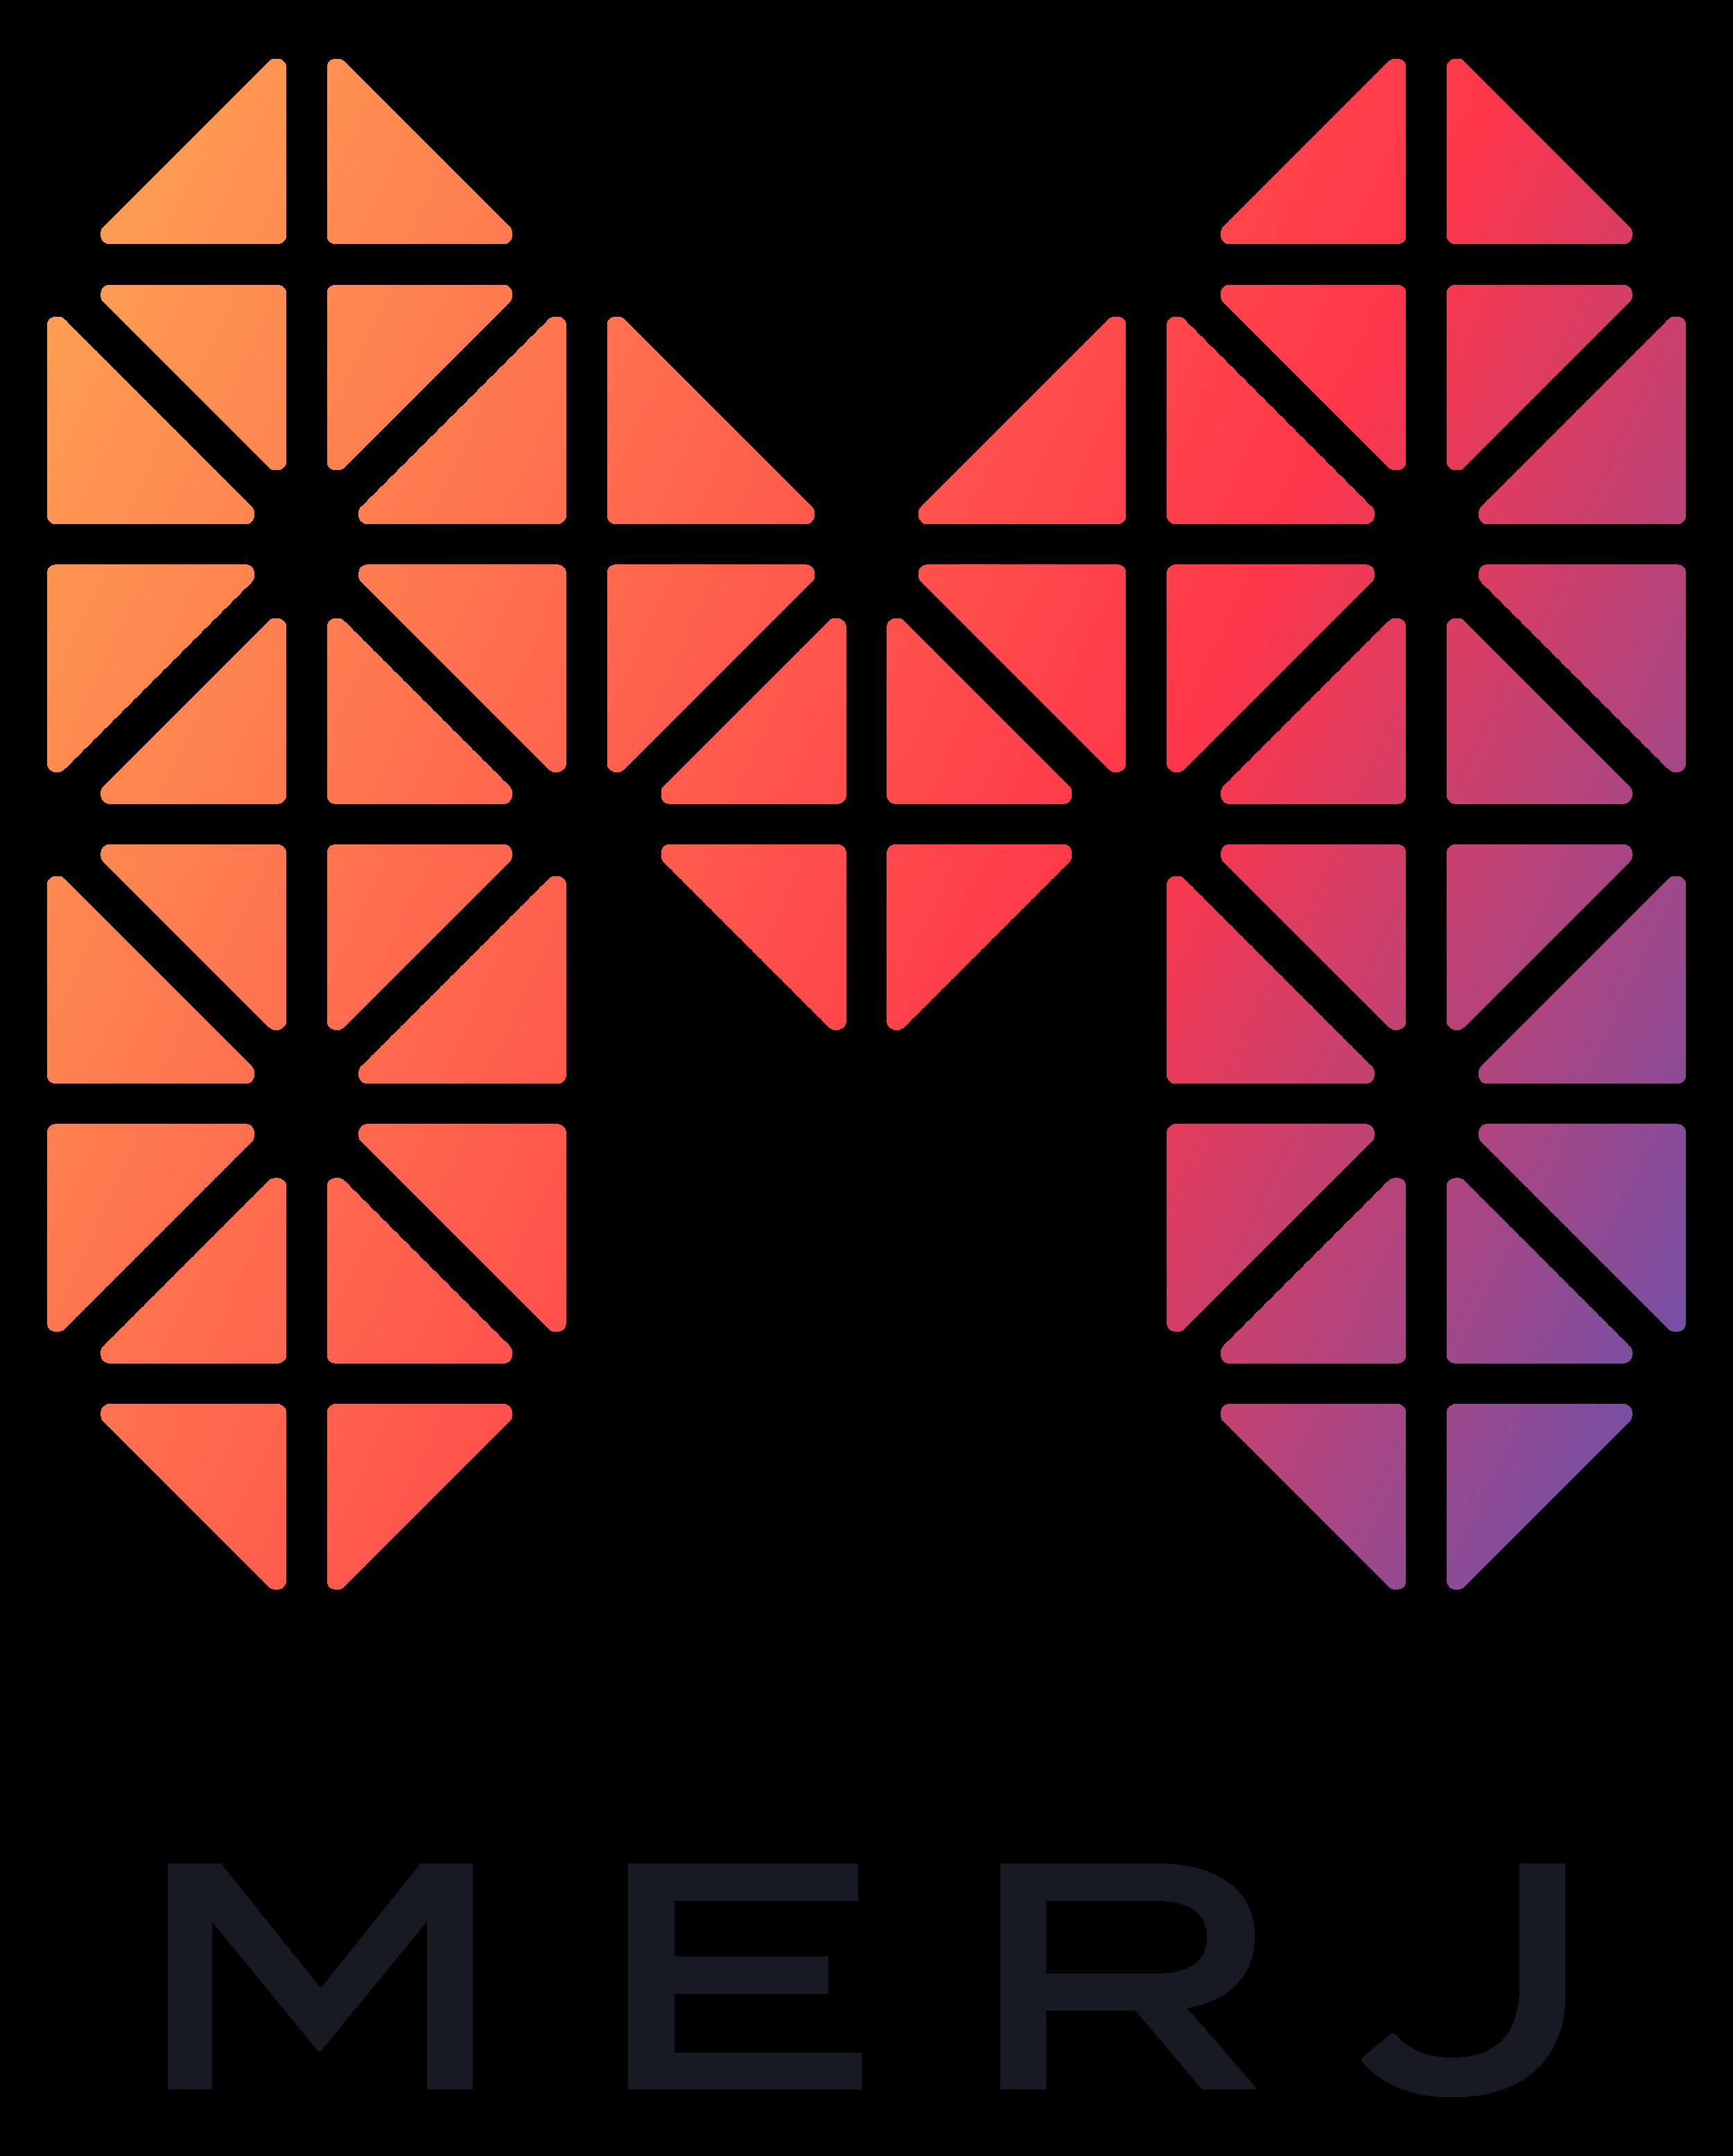 merj-logo-dark.png